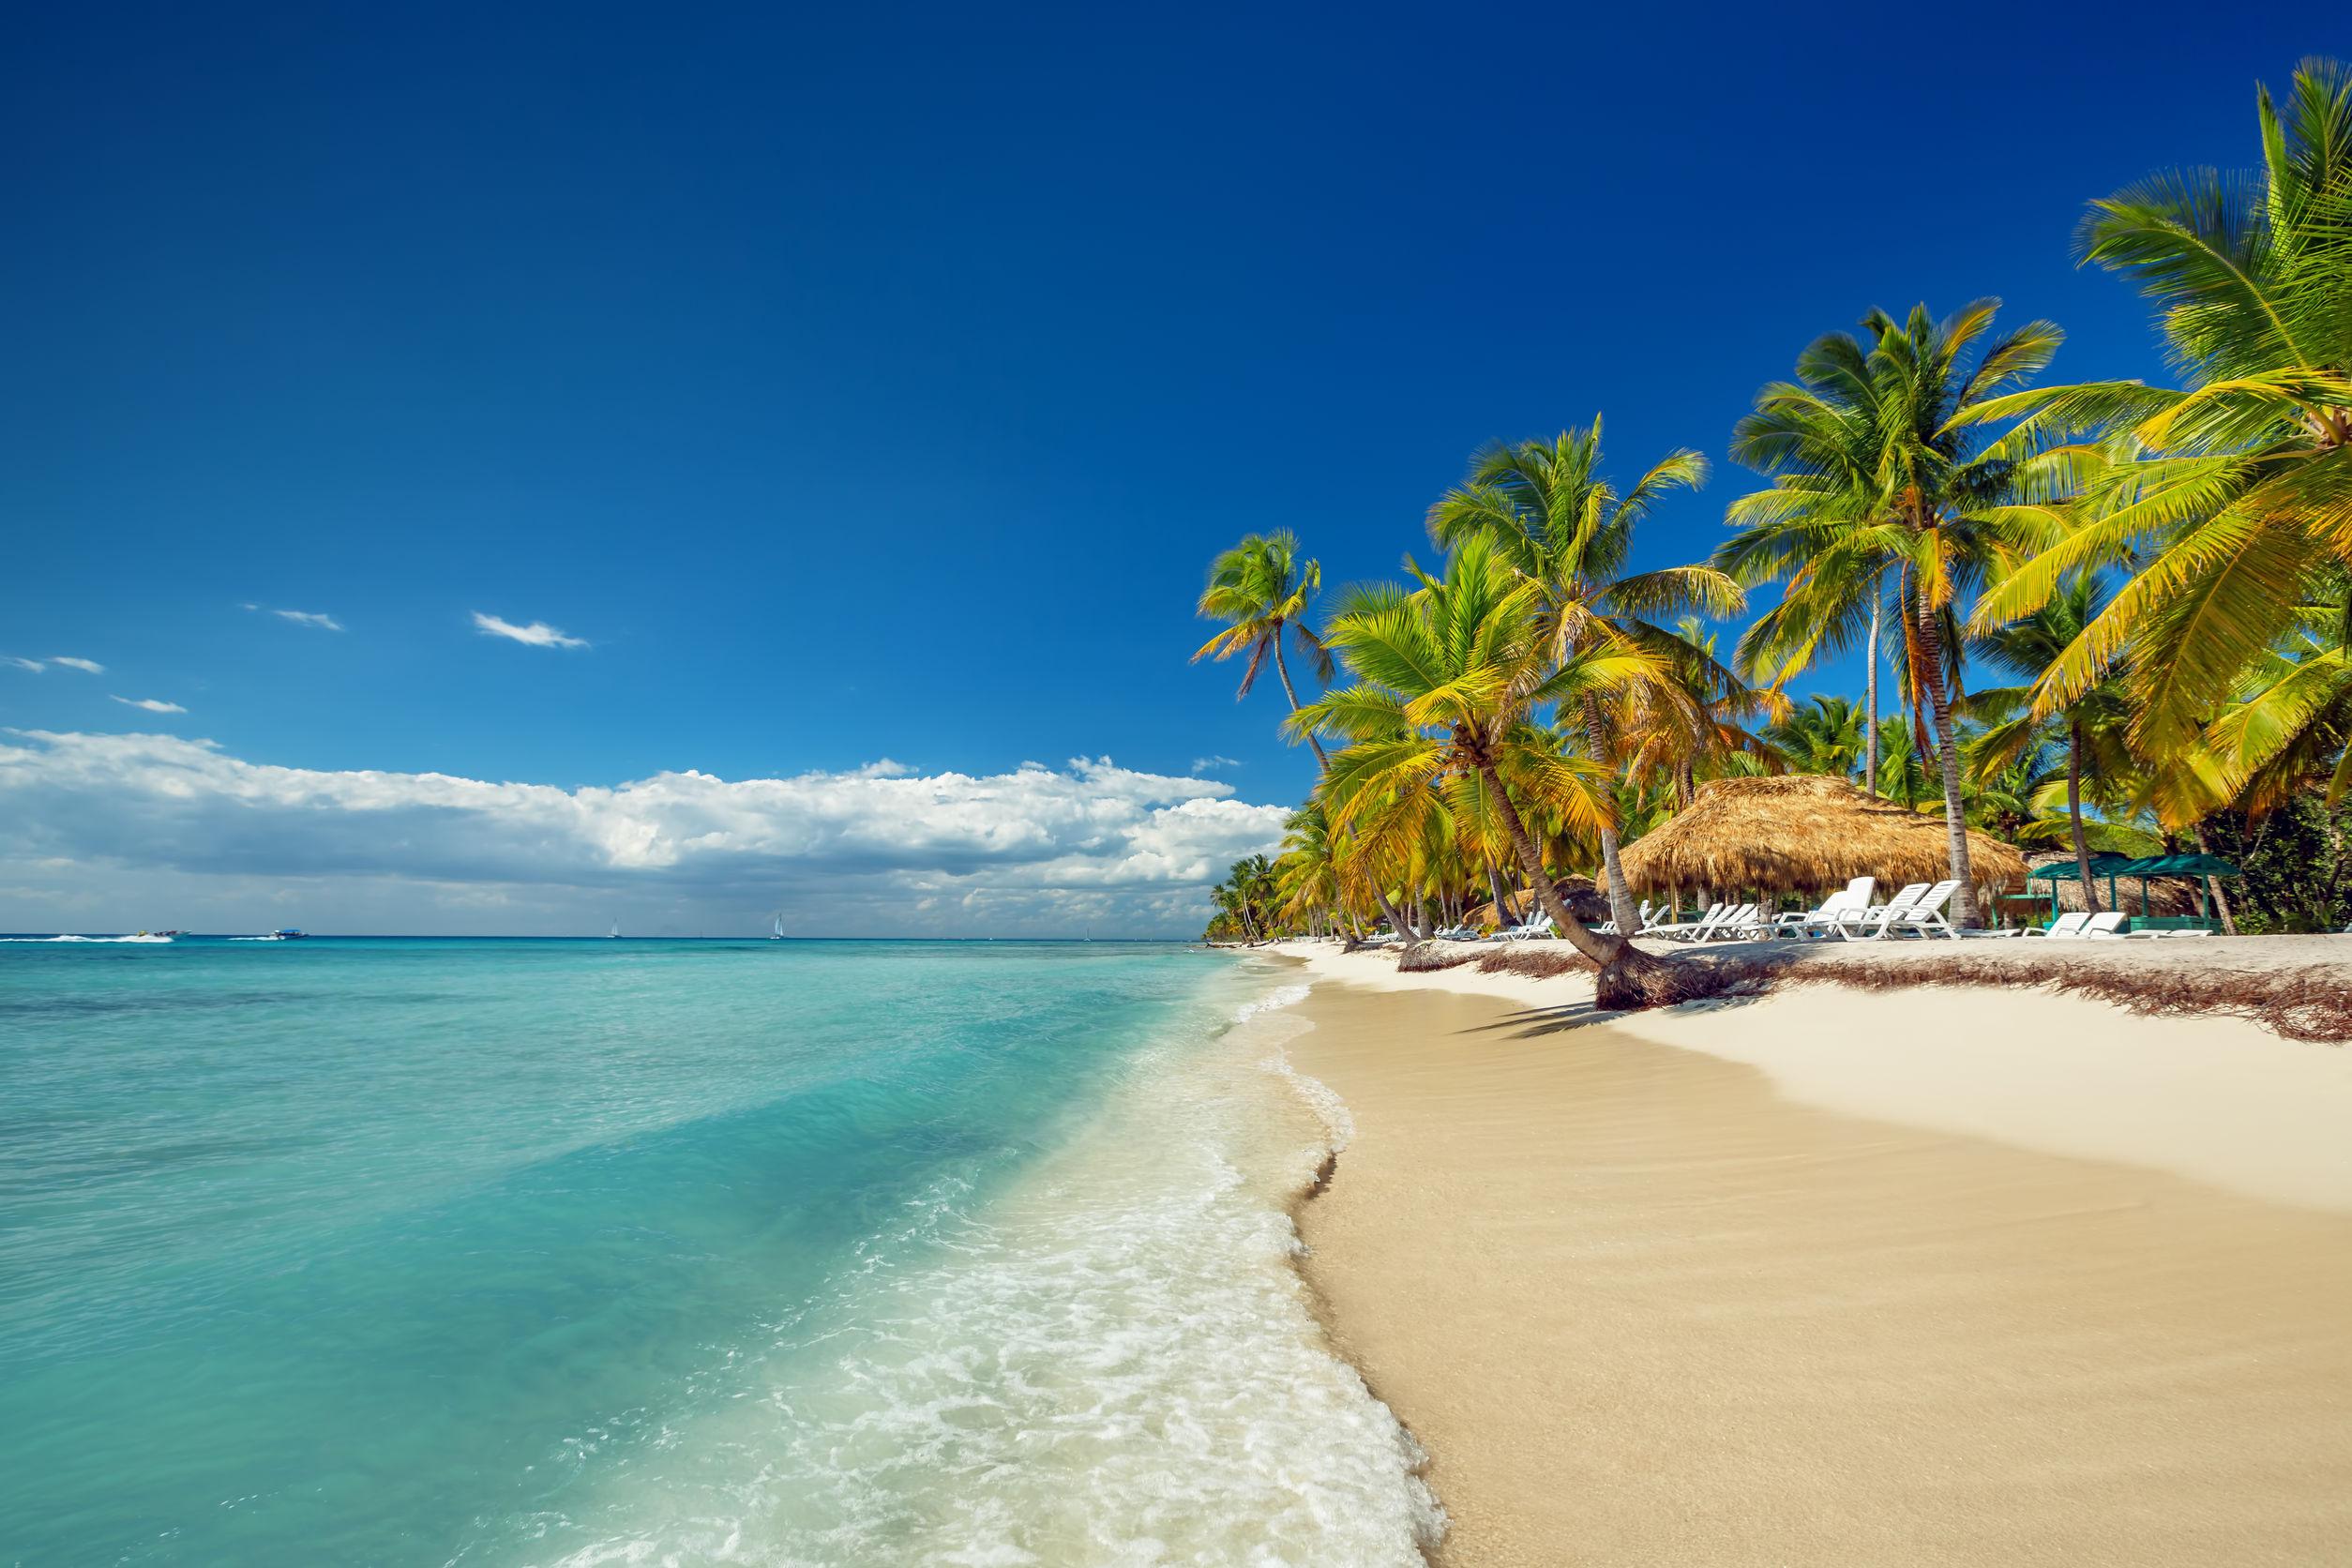 ¡Maravillosas! Estas son las mejores playas de América Latina y El Caribe